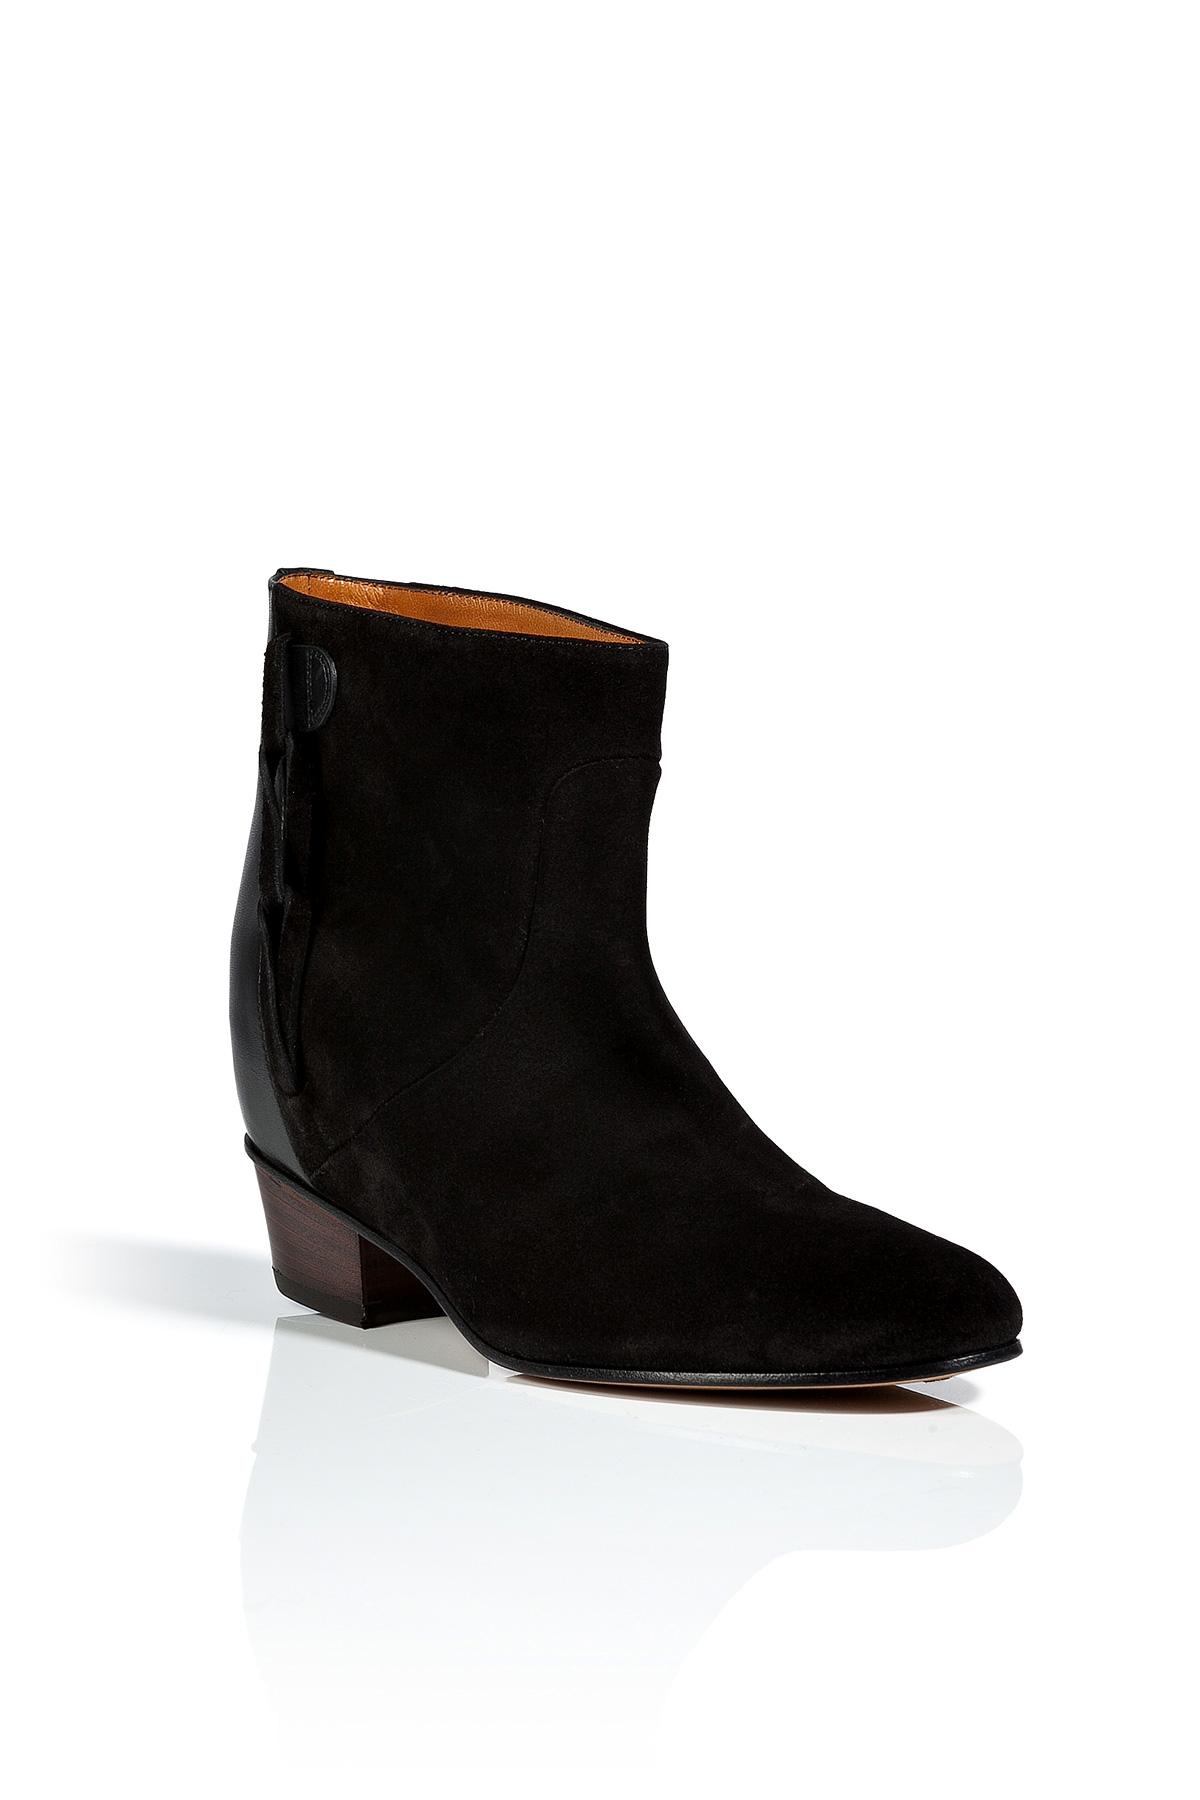 golden goose deluxe brand suede milk boots in black in